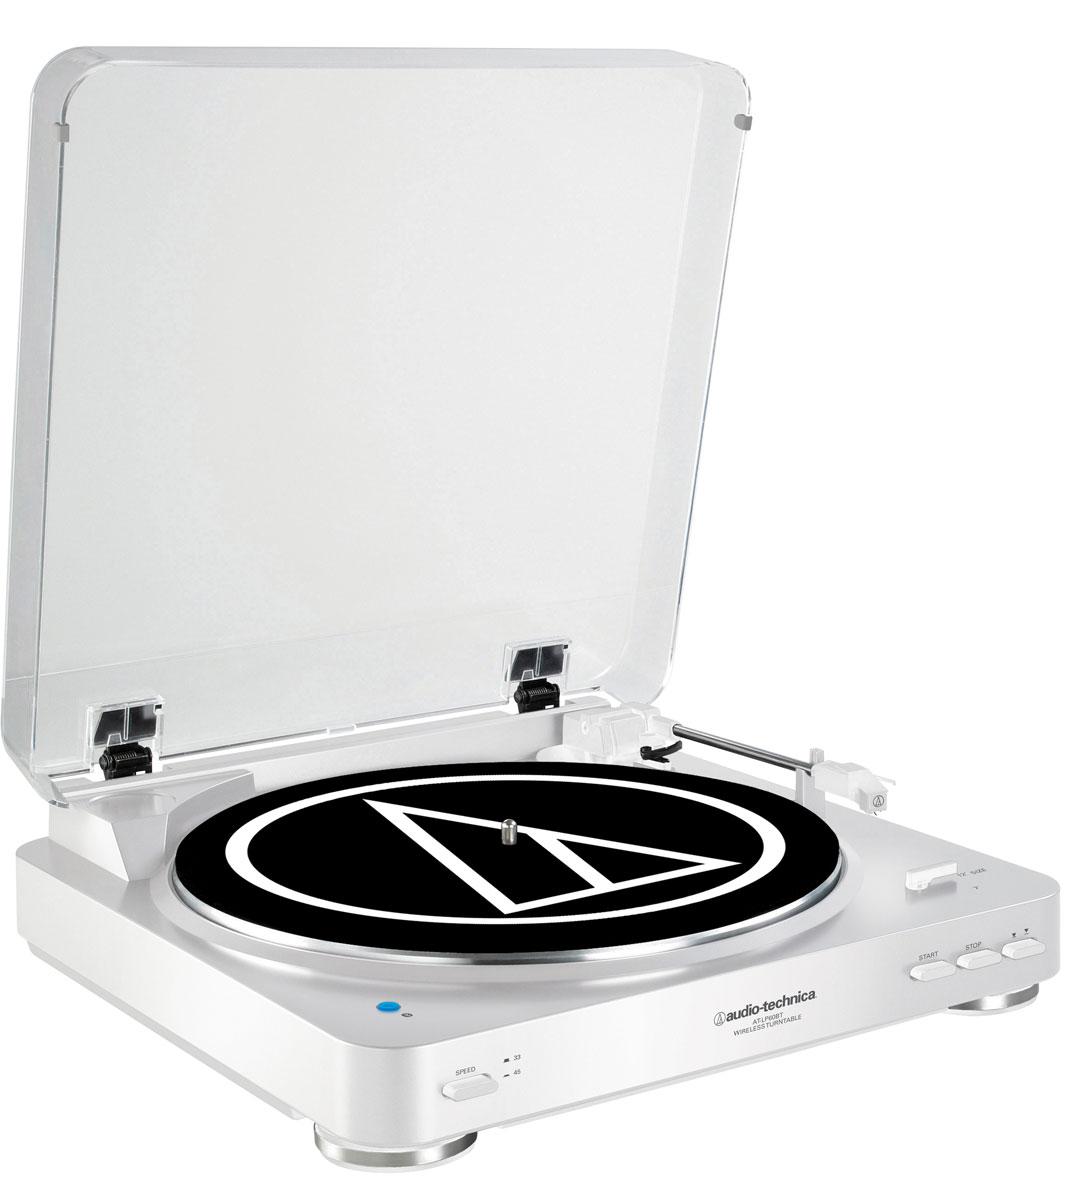 Audio-Technica AT-LP60BT, White проигрыватель виниловых дисков15118424Audio-Technica AT-LP60BT - это полностью автоматический проигрыватель виниловых пластинок с поддержкой Bluetooth, привносящий легендарное звучание Audio-Technica в мир беспроводных соединений. Данная модель обеспечит выдающийся звук с легкость в автоматическом режиме: просто нажмите кнопку Пуск, чтобы начать воспроизведение записи, и кнопку Стоп, чтобы поднять и вернуть тонарм и выключить поворотный стол. Кнопка подъема тонарм также включена, чтобы позволить вам поднимать и опускать тонарм без остановки проигрывателя. Беспроводное подключение к устройствам, поддерживающим протокол Bluetooth (колонки, наушники, ресиверы) Проводное подключение к аудиосистемам и колонкам через двойной RCA-кабель Встроенный предусилитель с функцией отключения Антирезонансный литой опорный диск из алюминия Встроенный звукосниматель AT3600L с двумя подвижными магнитами, оснащённый съёмной алмазной иглой Тип звукоснимателя: VM Мотор DC с...